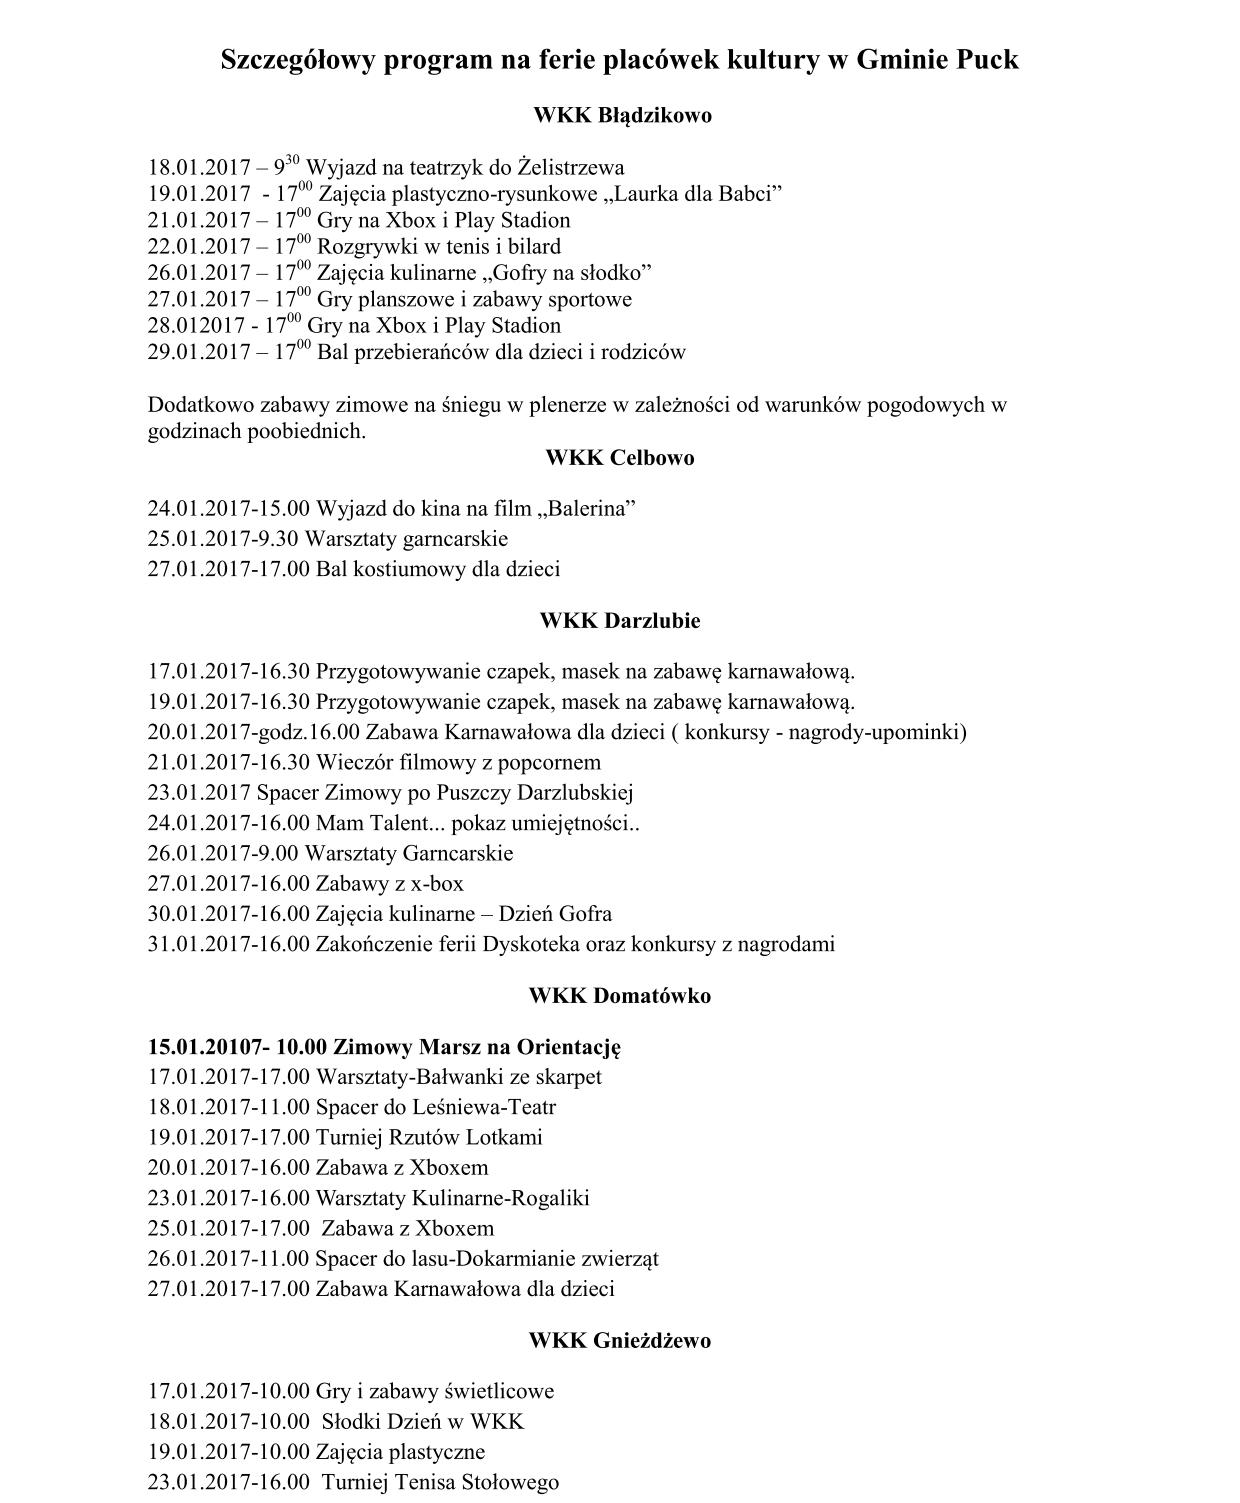 Szczegółowy program na ferie placówek kultury w Gminie Puck_01